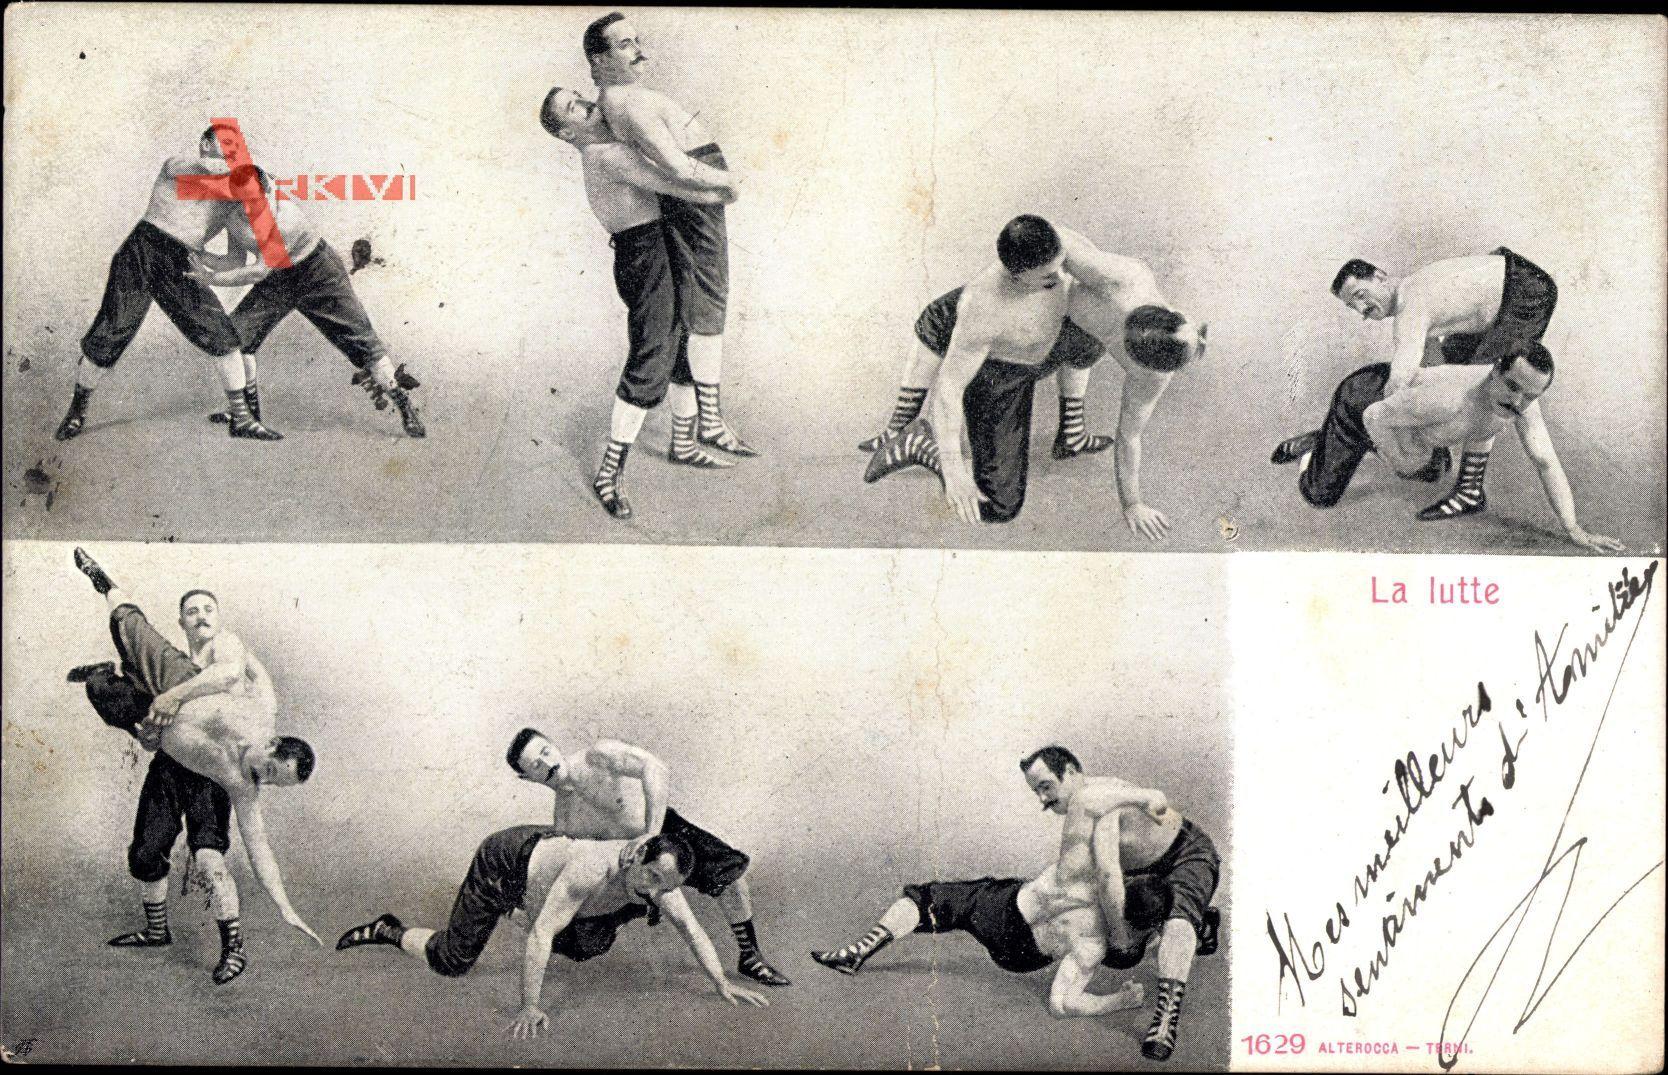 La lutte, Ringer in verschiedenen Positionen